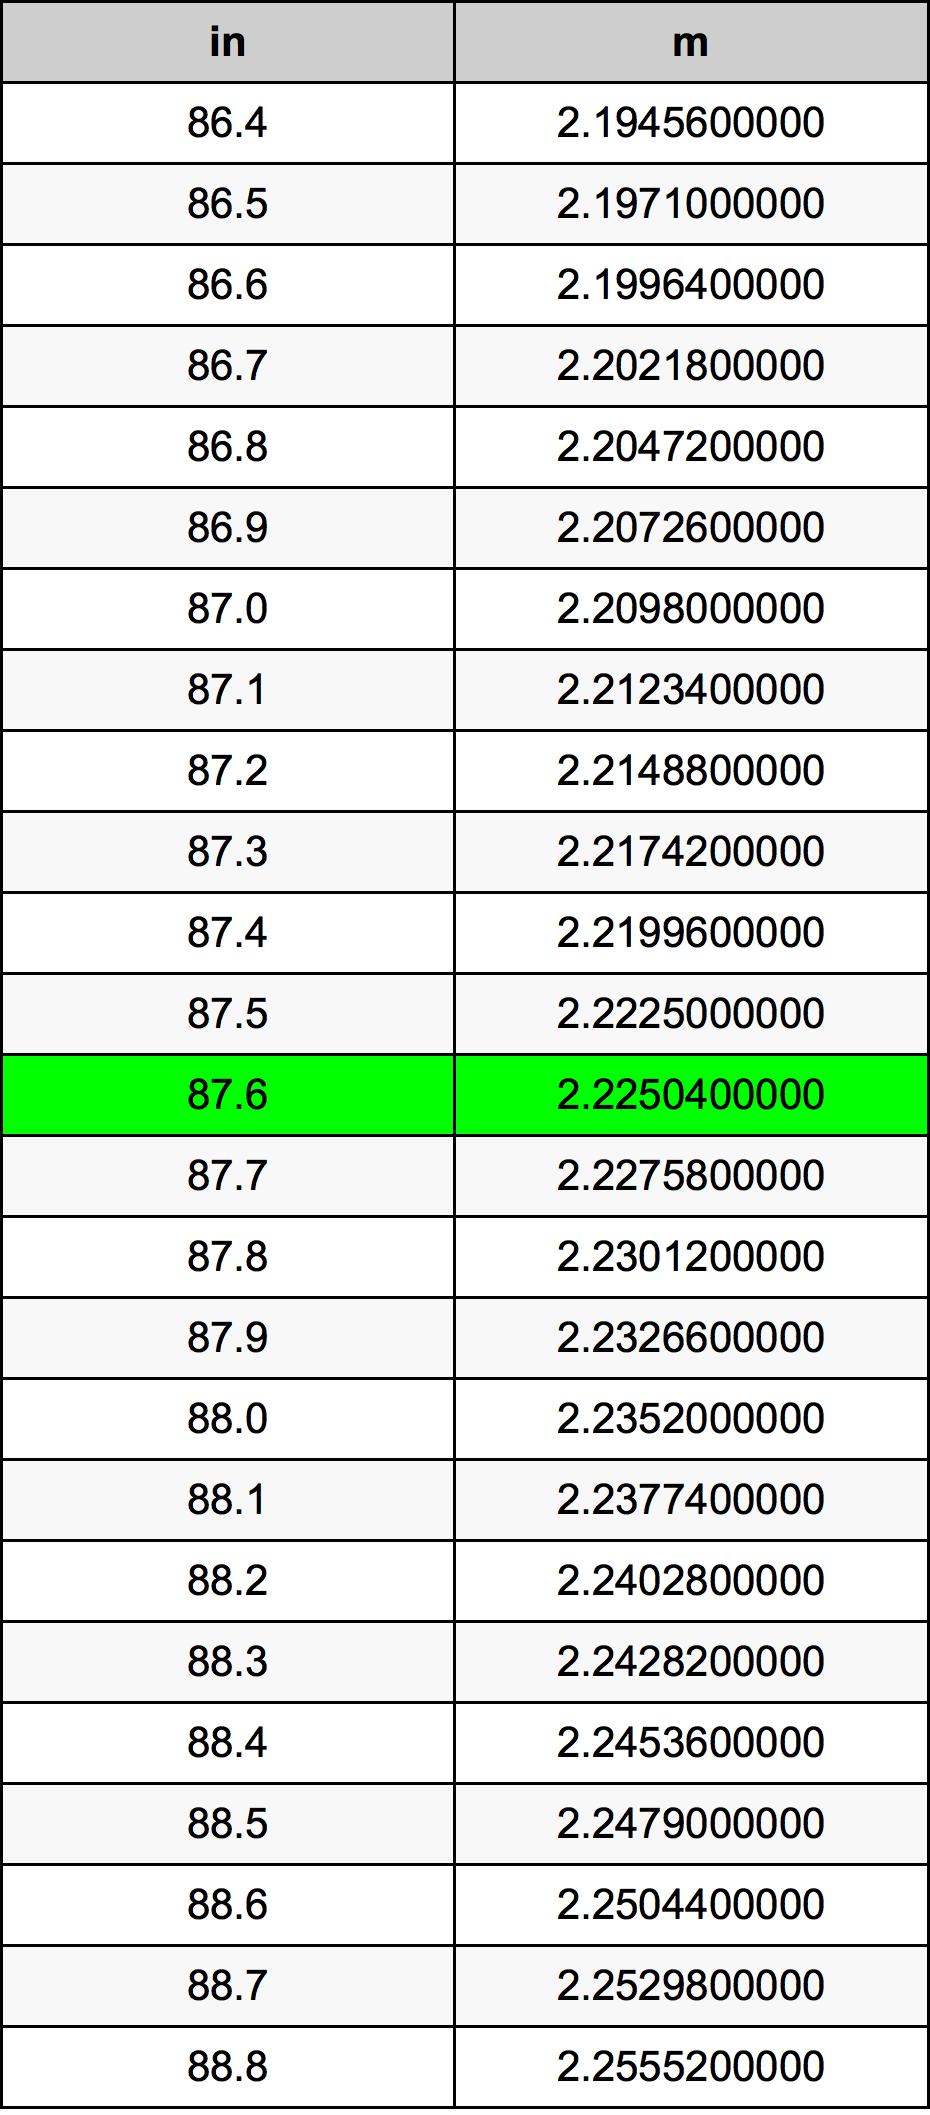 87.6 ίντσα Πίνακας Μετατροπής